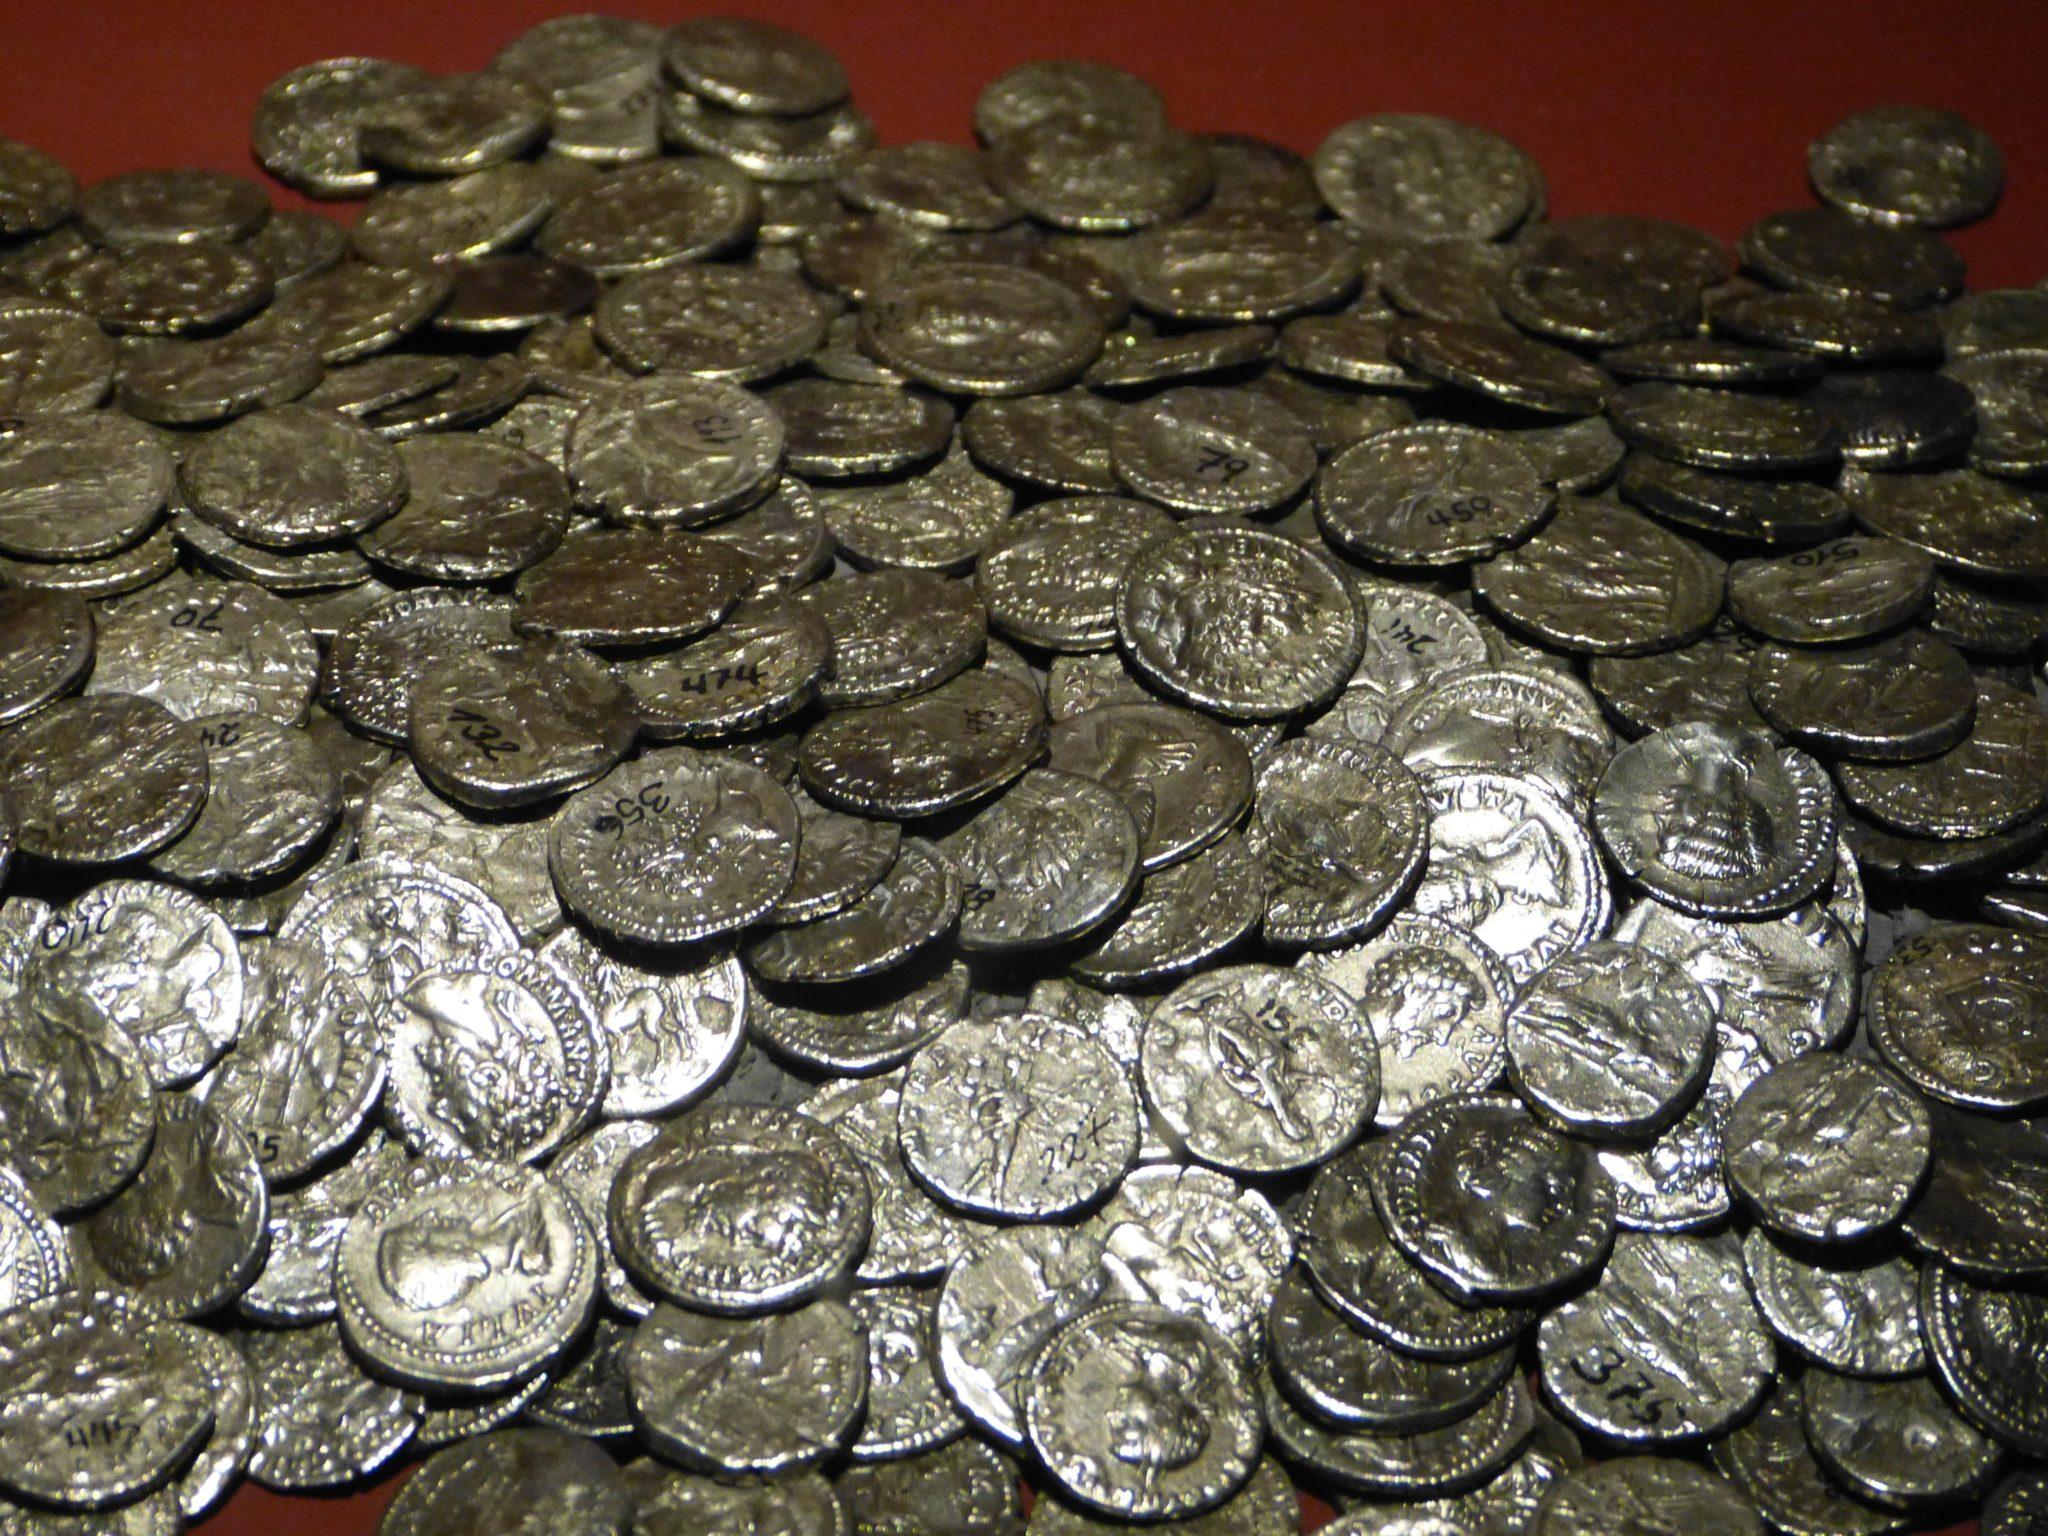 Ein Haufen antiker Münzen aus dem alten Rom.